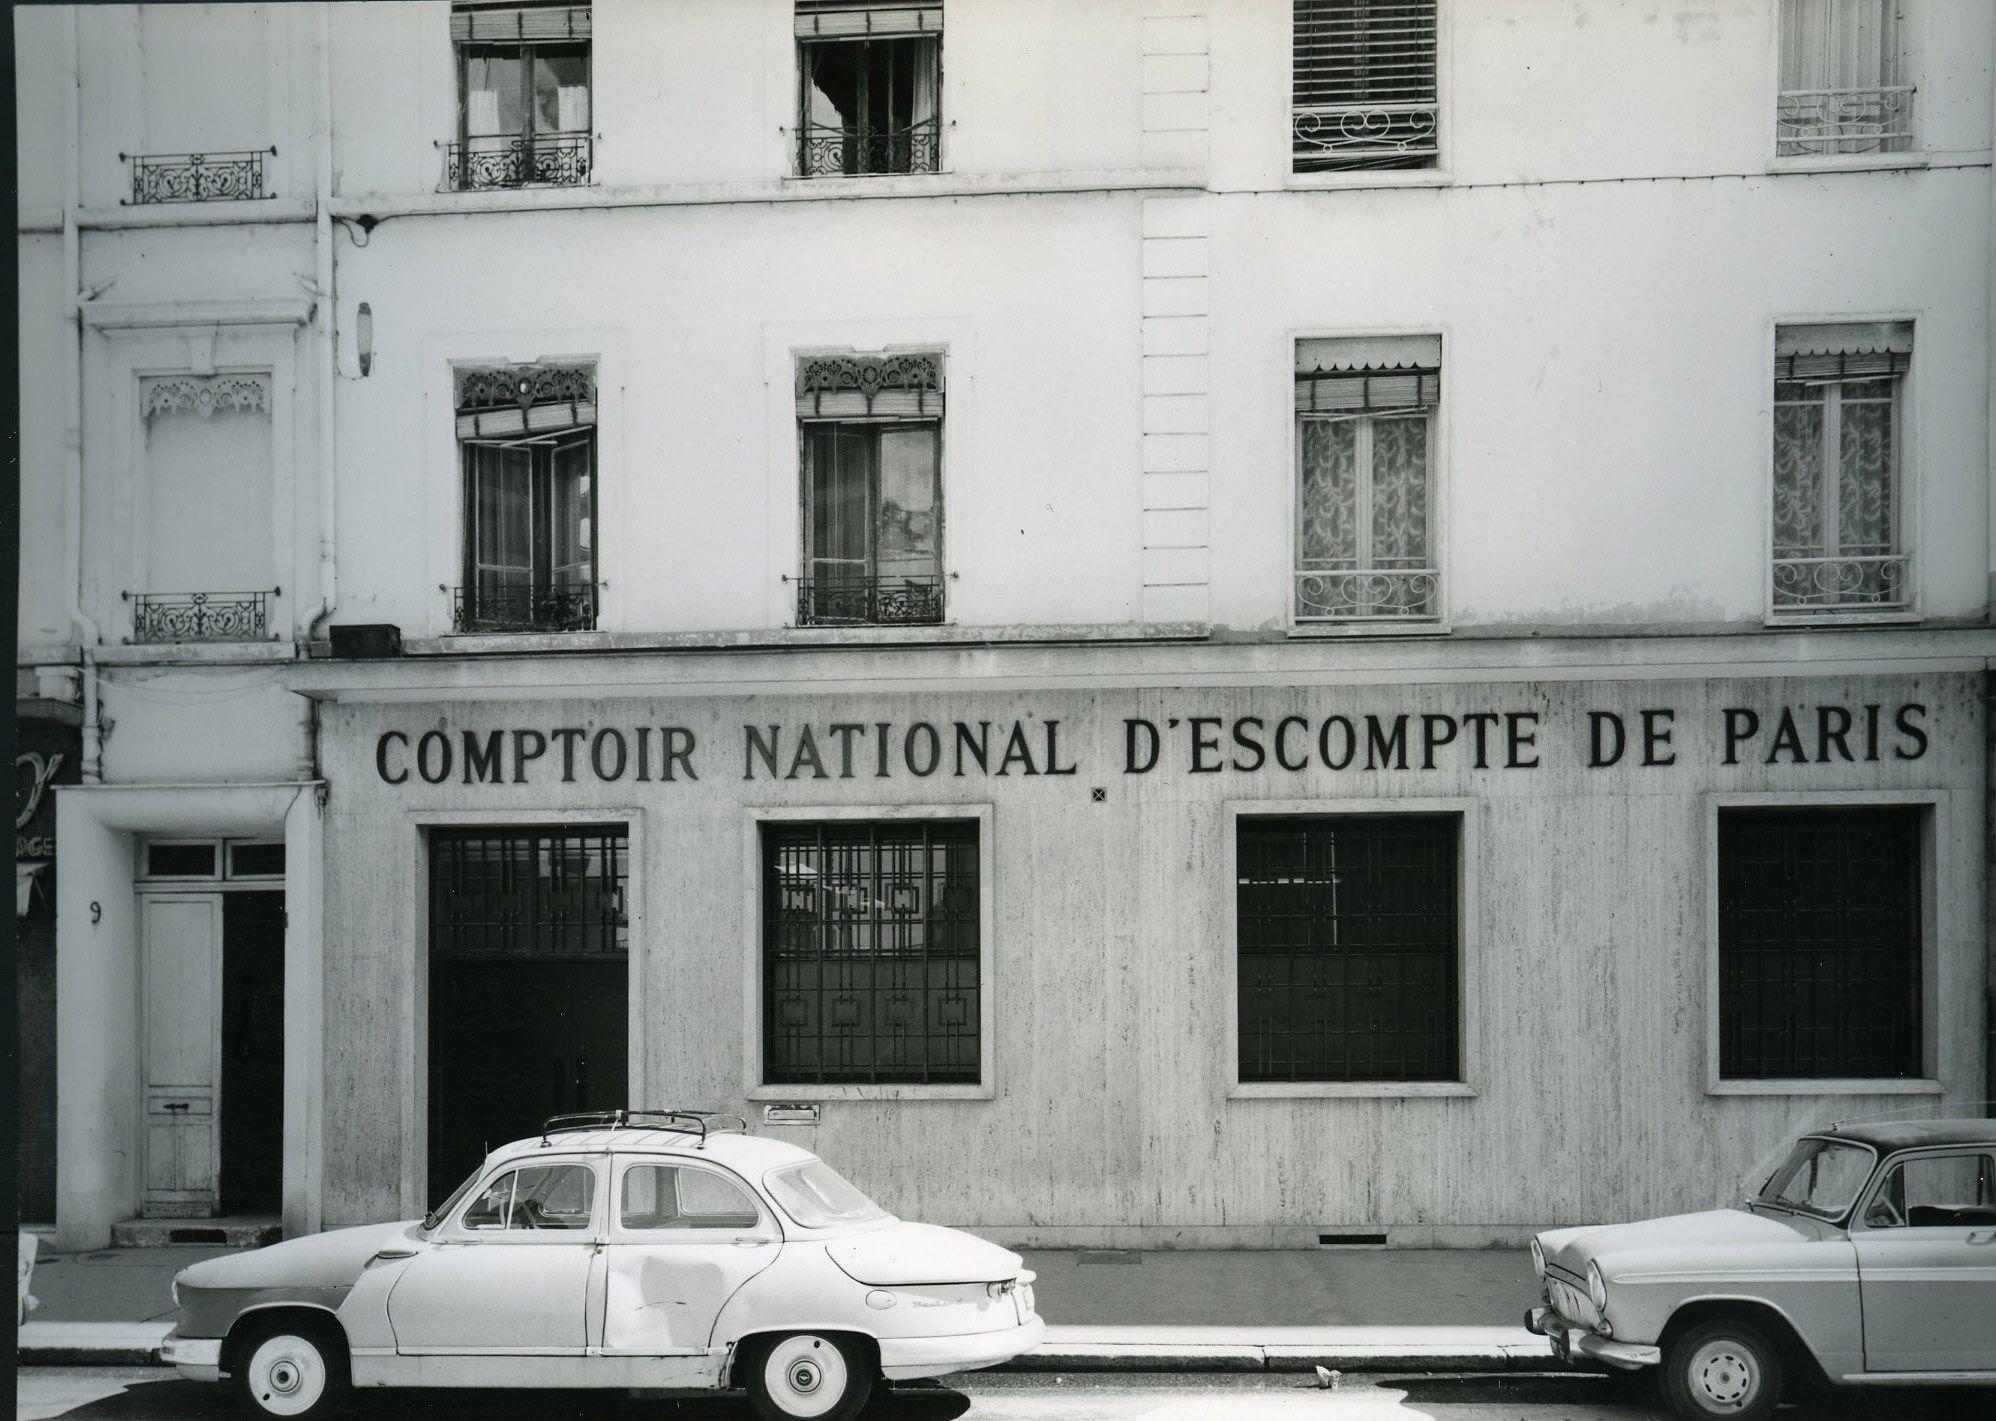 Vue dune agence du cnep comptoir national descompte de paris